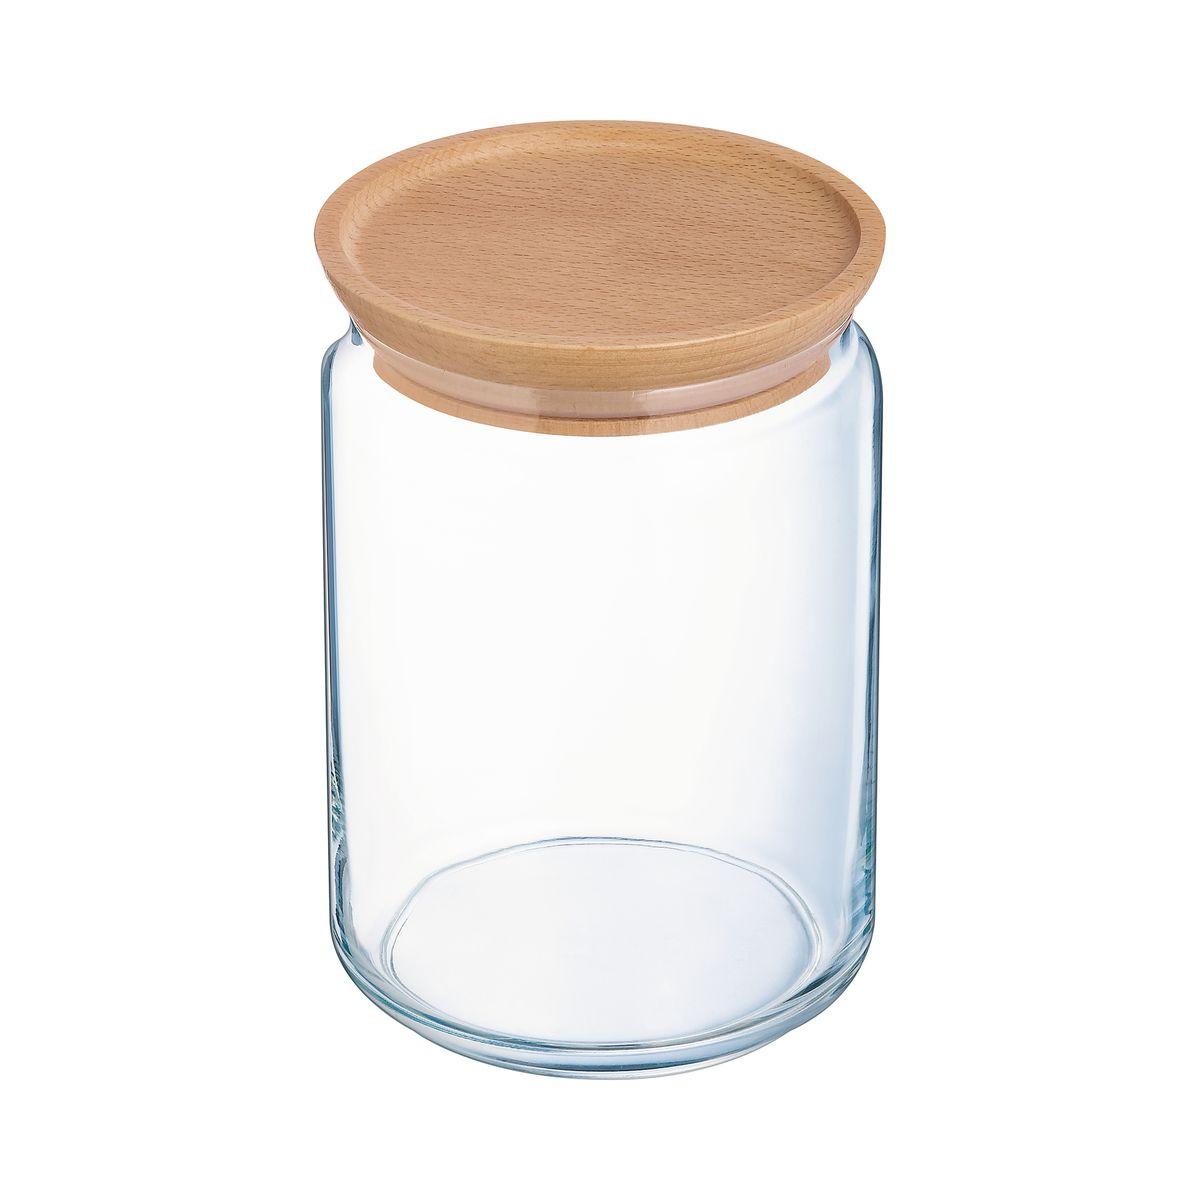 Bocal en verre avec couvercle en bois 1L 10,5x10,5x14cm - Luminarc